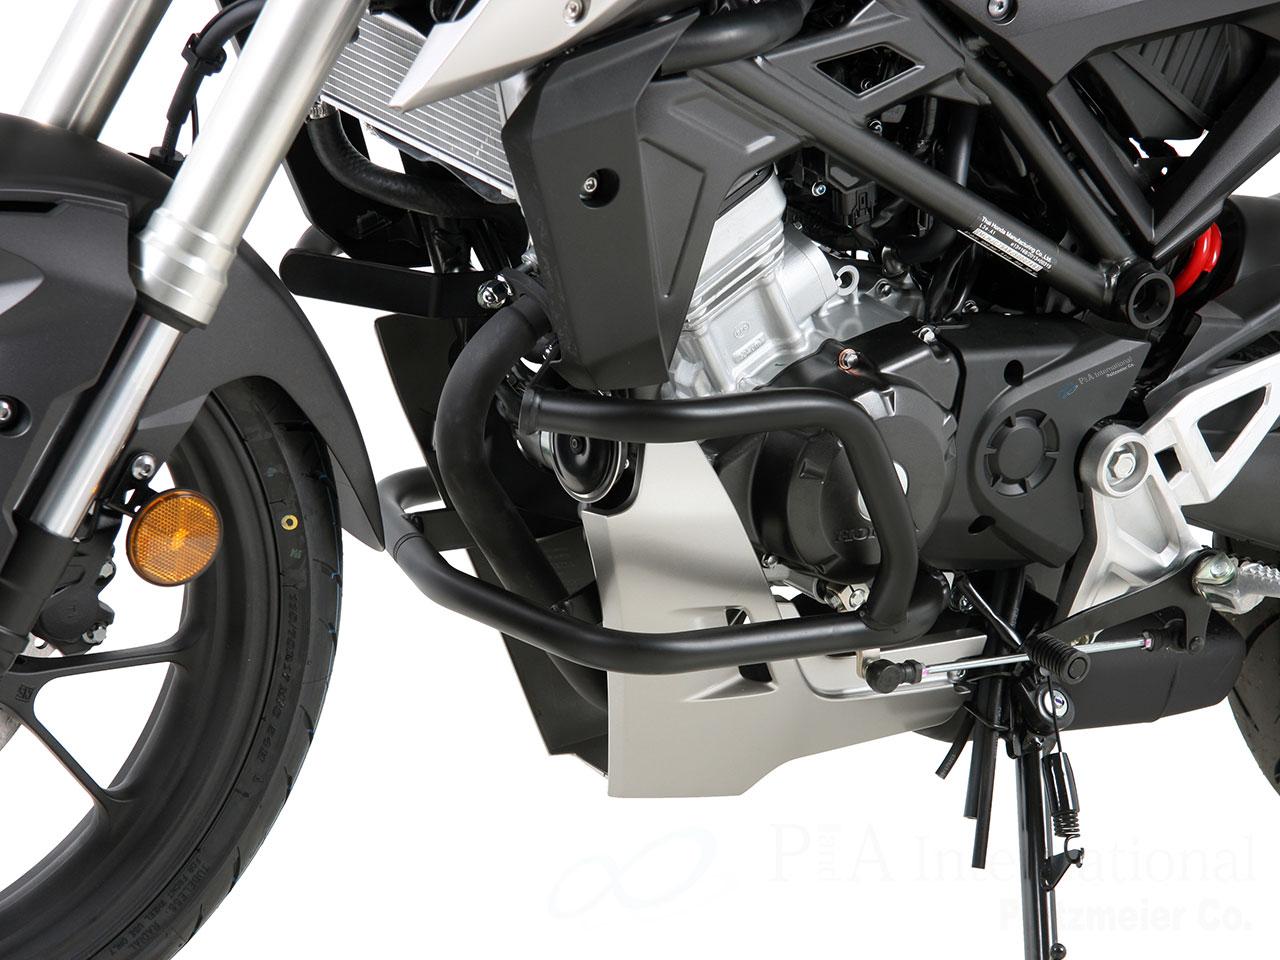 ヘプコ&ベッカー 正規品 エンジンガード ホンダ CB125R